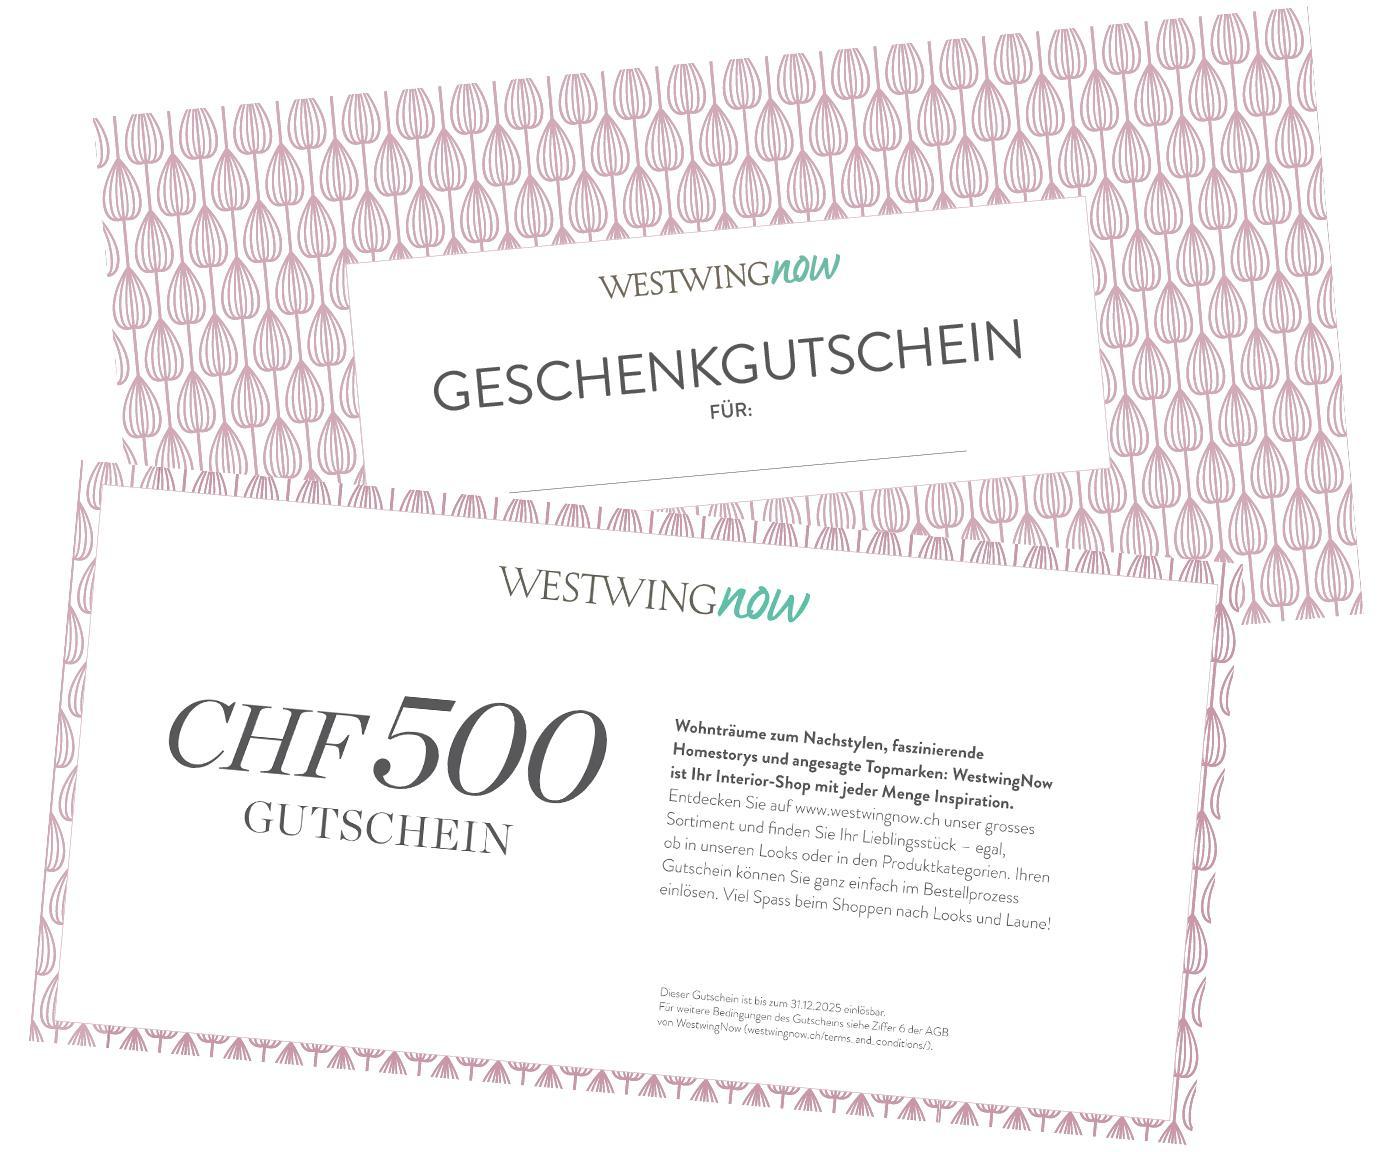 Gutscheinkarte, Gutschein auf edlem Papier, in hochwertigem Kuvert, Mehrfarbig, 500